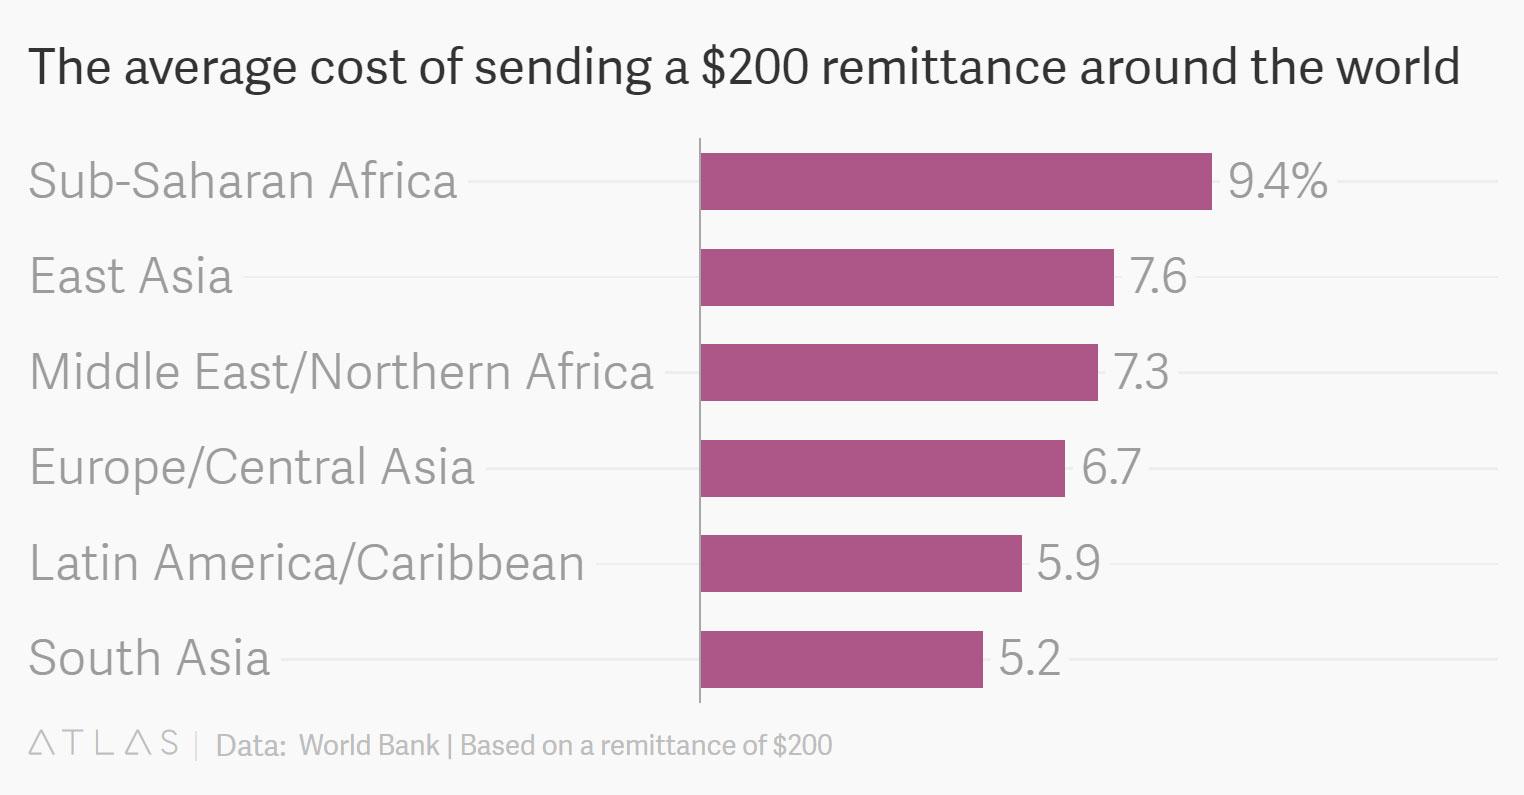 میانگین کارمزد ارسال بینالمللی 200 دلار با ابزارهای رمیتنس